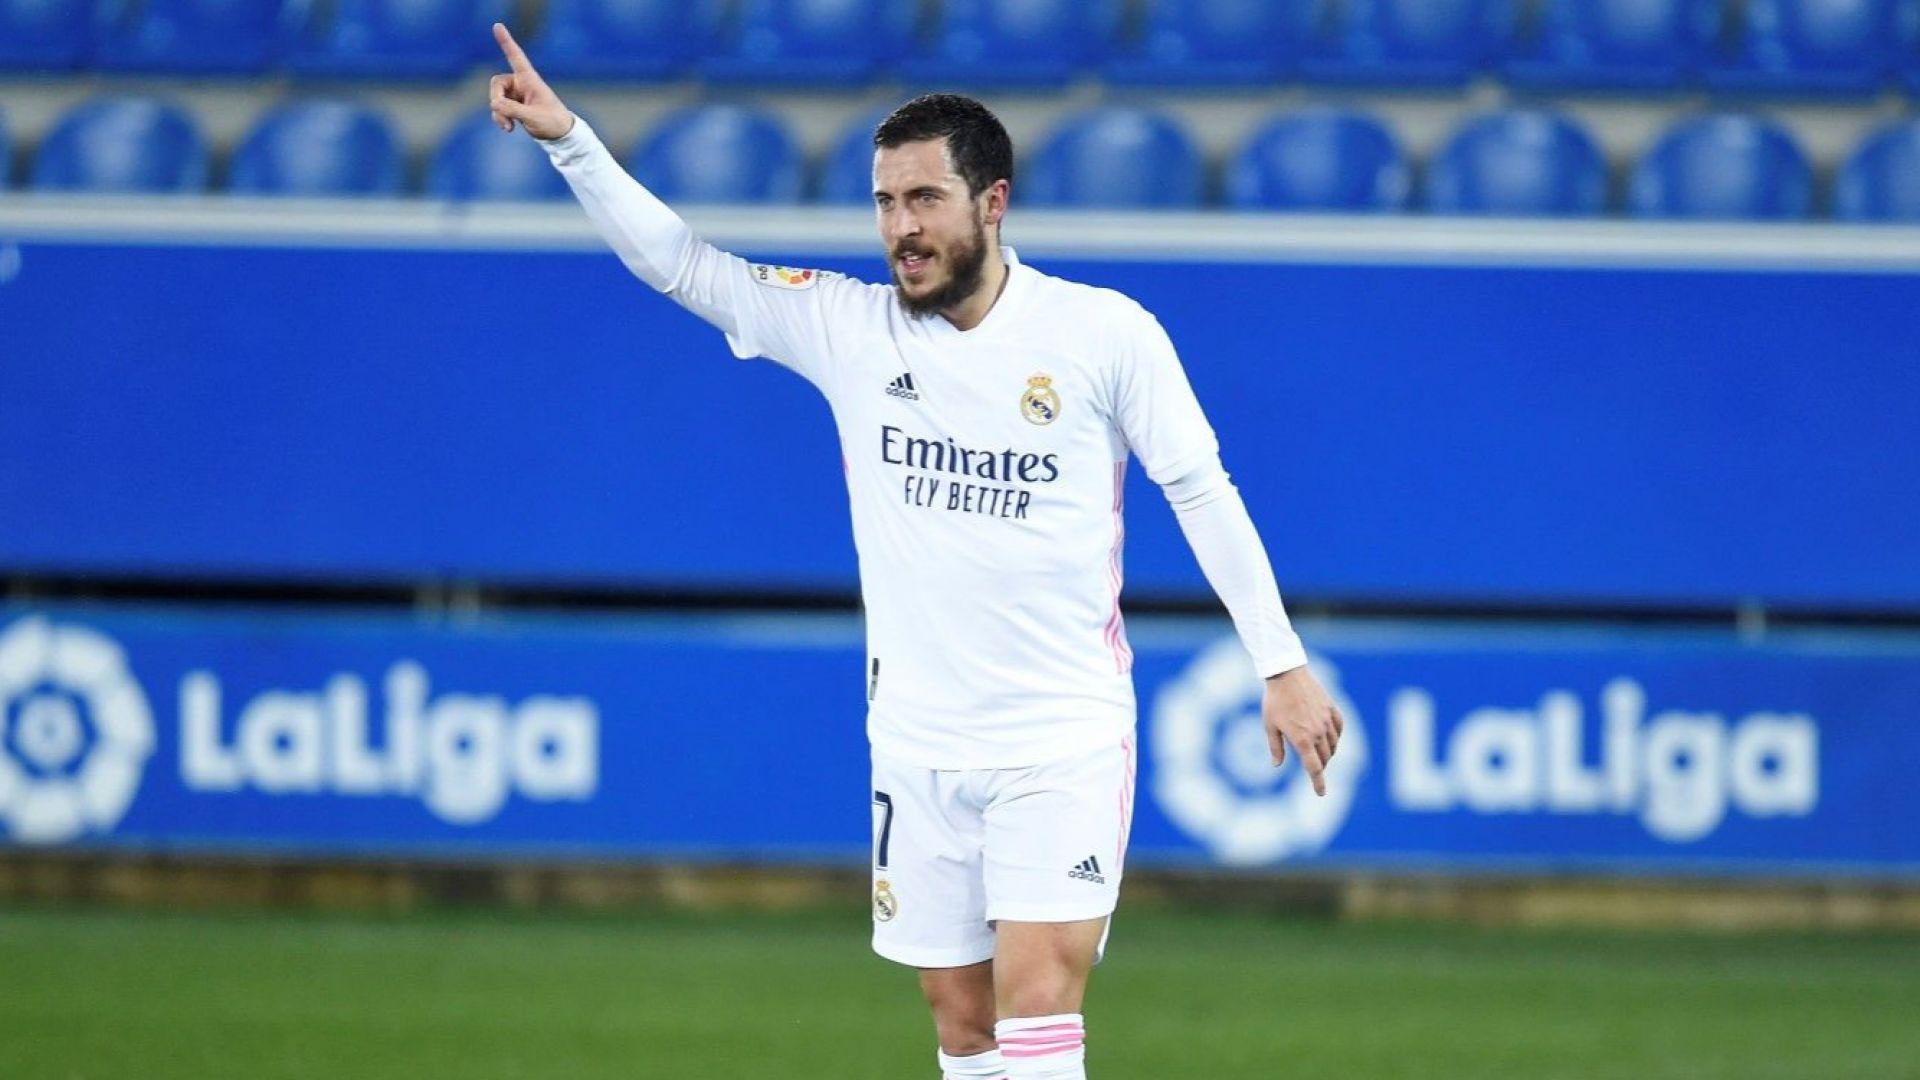 Нови тежки думи към Азар: Реал плаща 160 млн. евро за теб, а ти се явяваш в Мадрид дебел